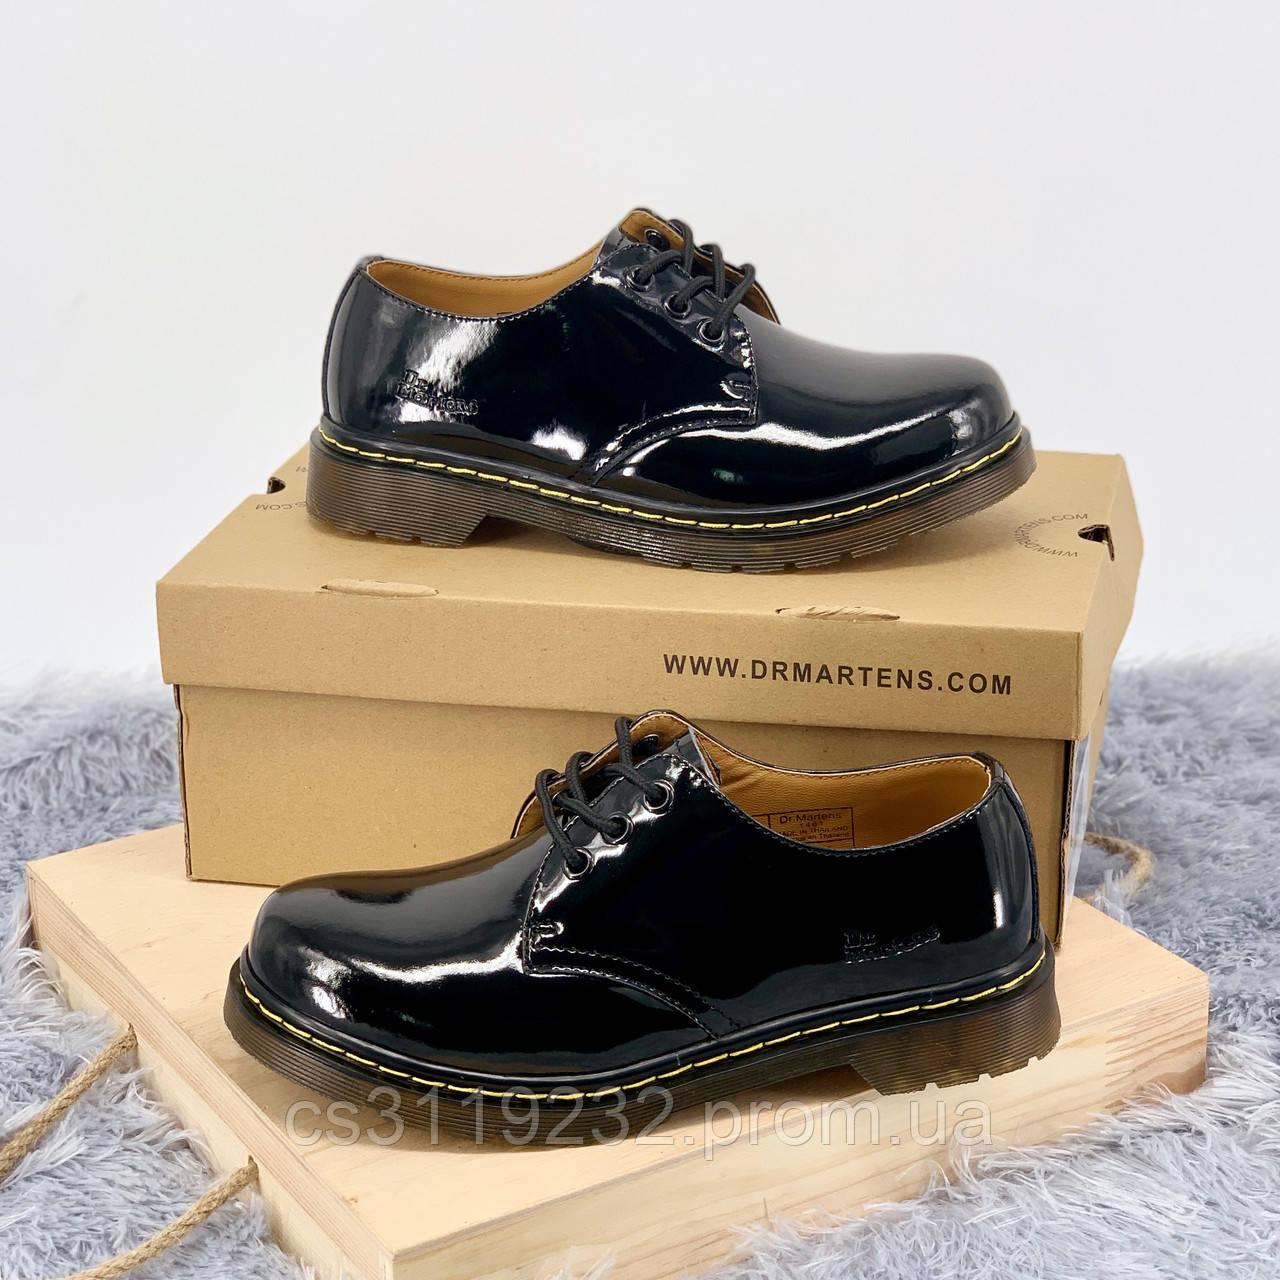 Жіночі класичні туфлі Dr Martens 1461 Patent Black (чорні)